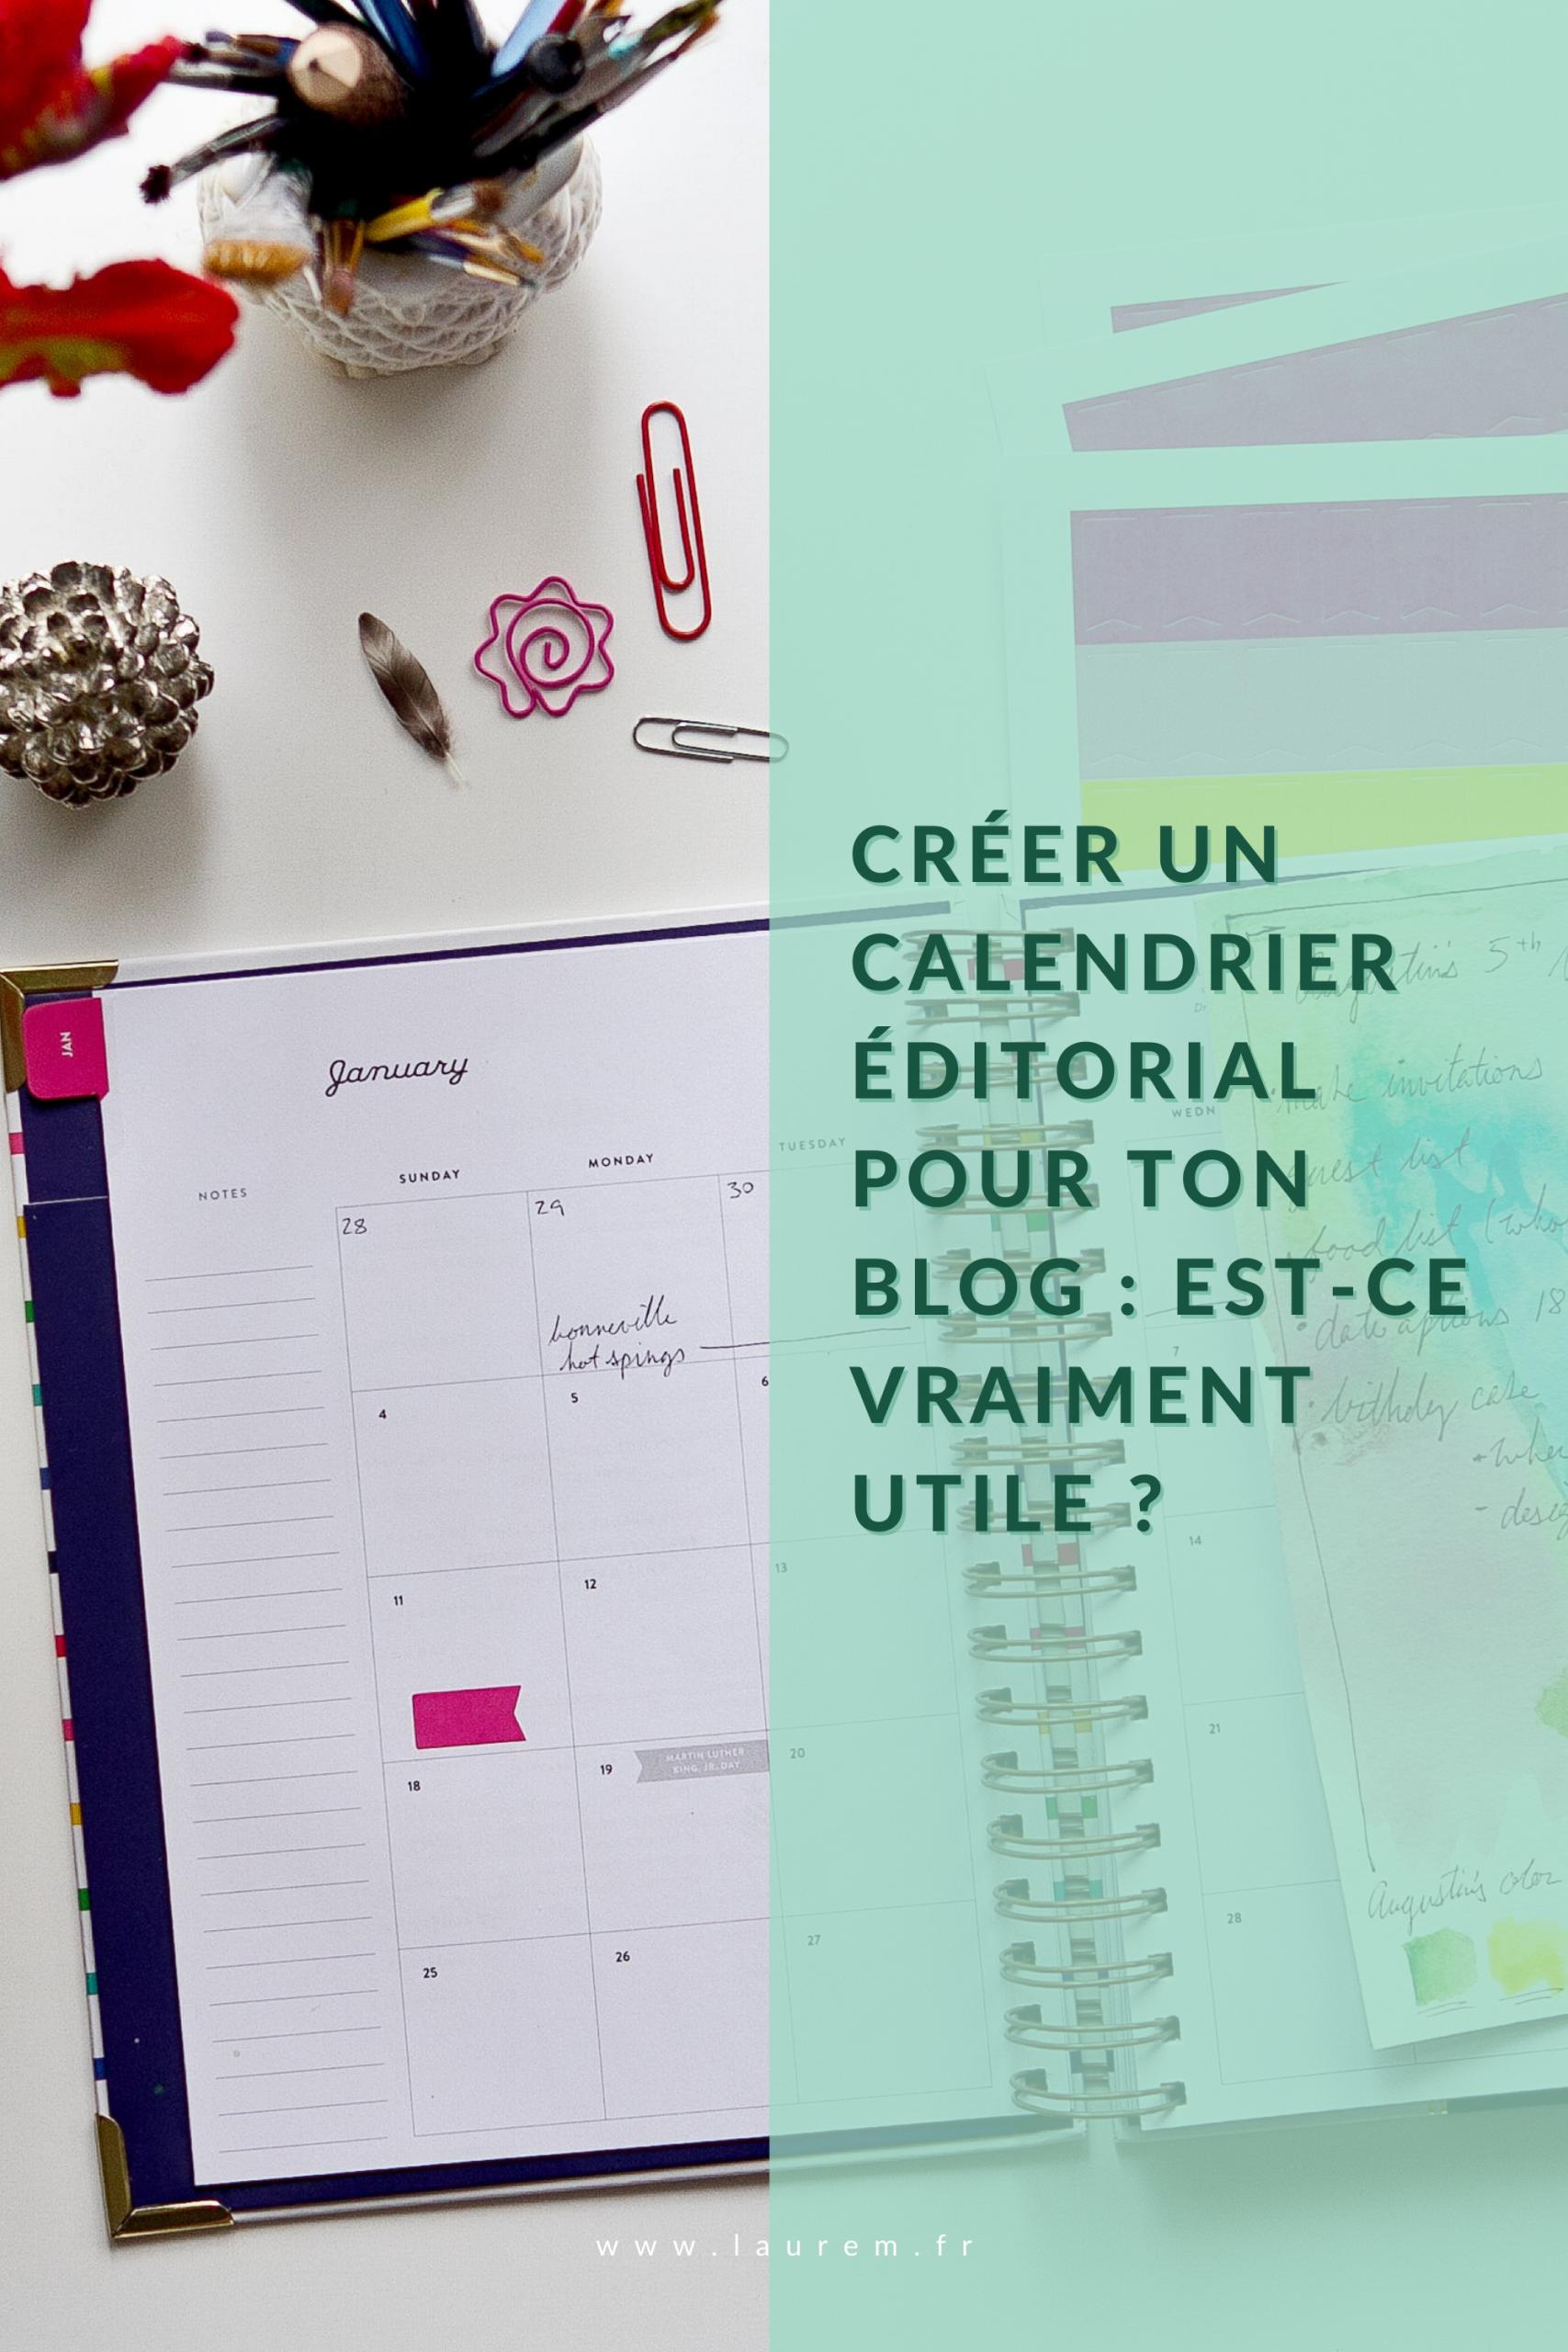 Tu en as marre d'être en panne d'idées pour ton blog? Et si créer un Calendrier Editorial était LA solution pour faciliter la création de ton contenu chaque mois?